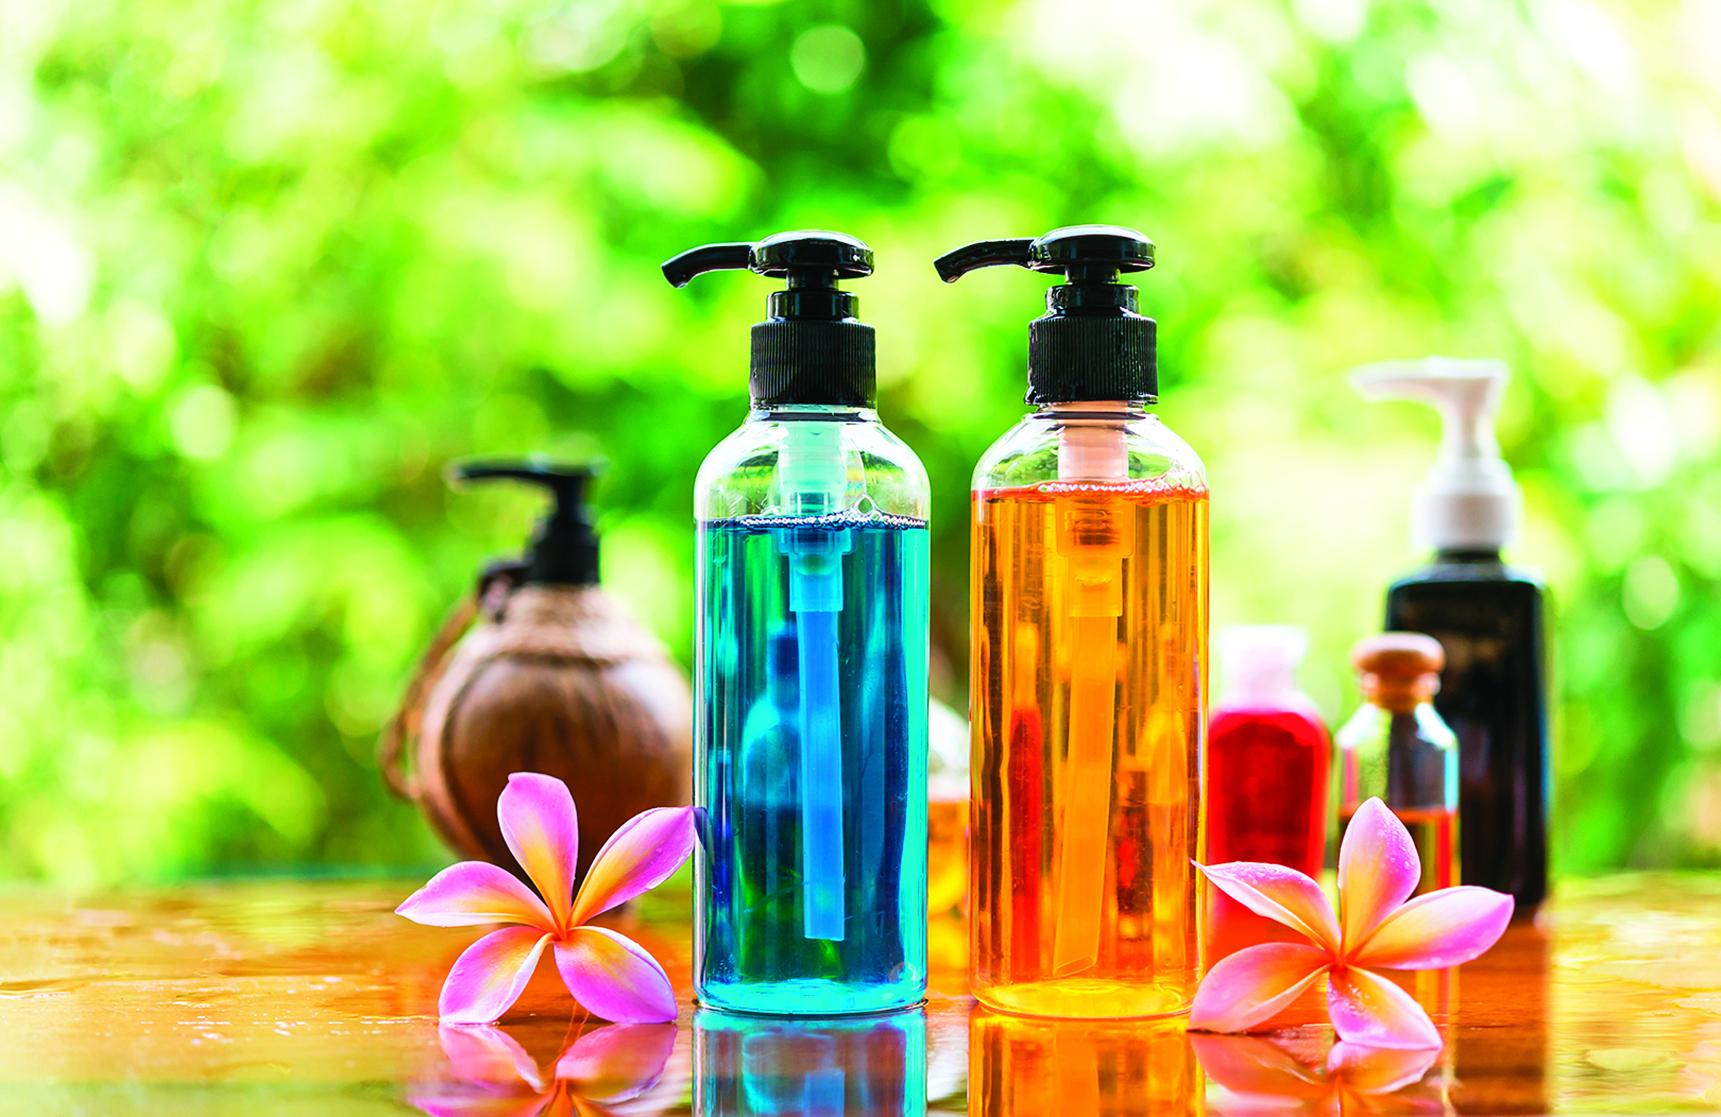 市面上的去屑洗髮精種類很多,應挑選適合自己的品牌。